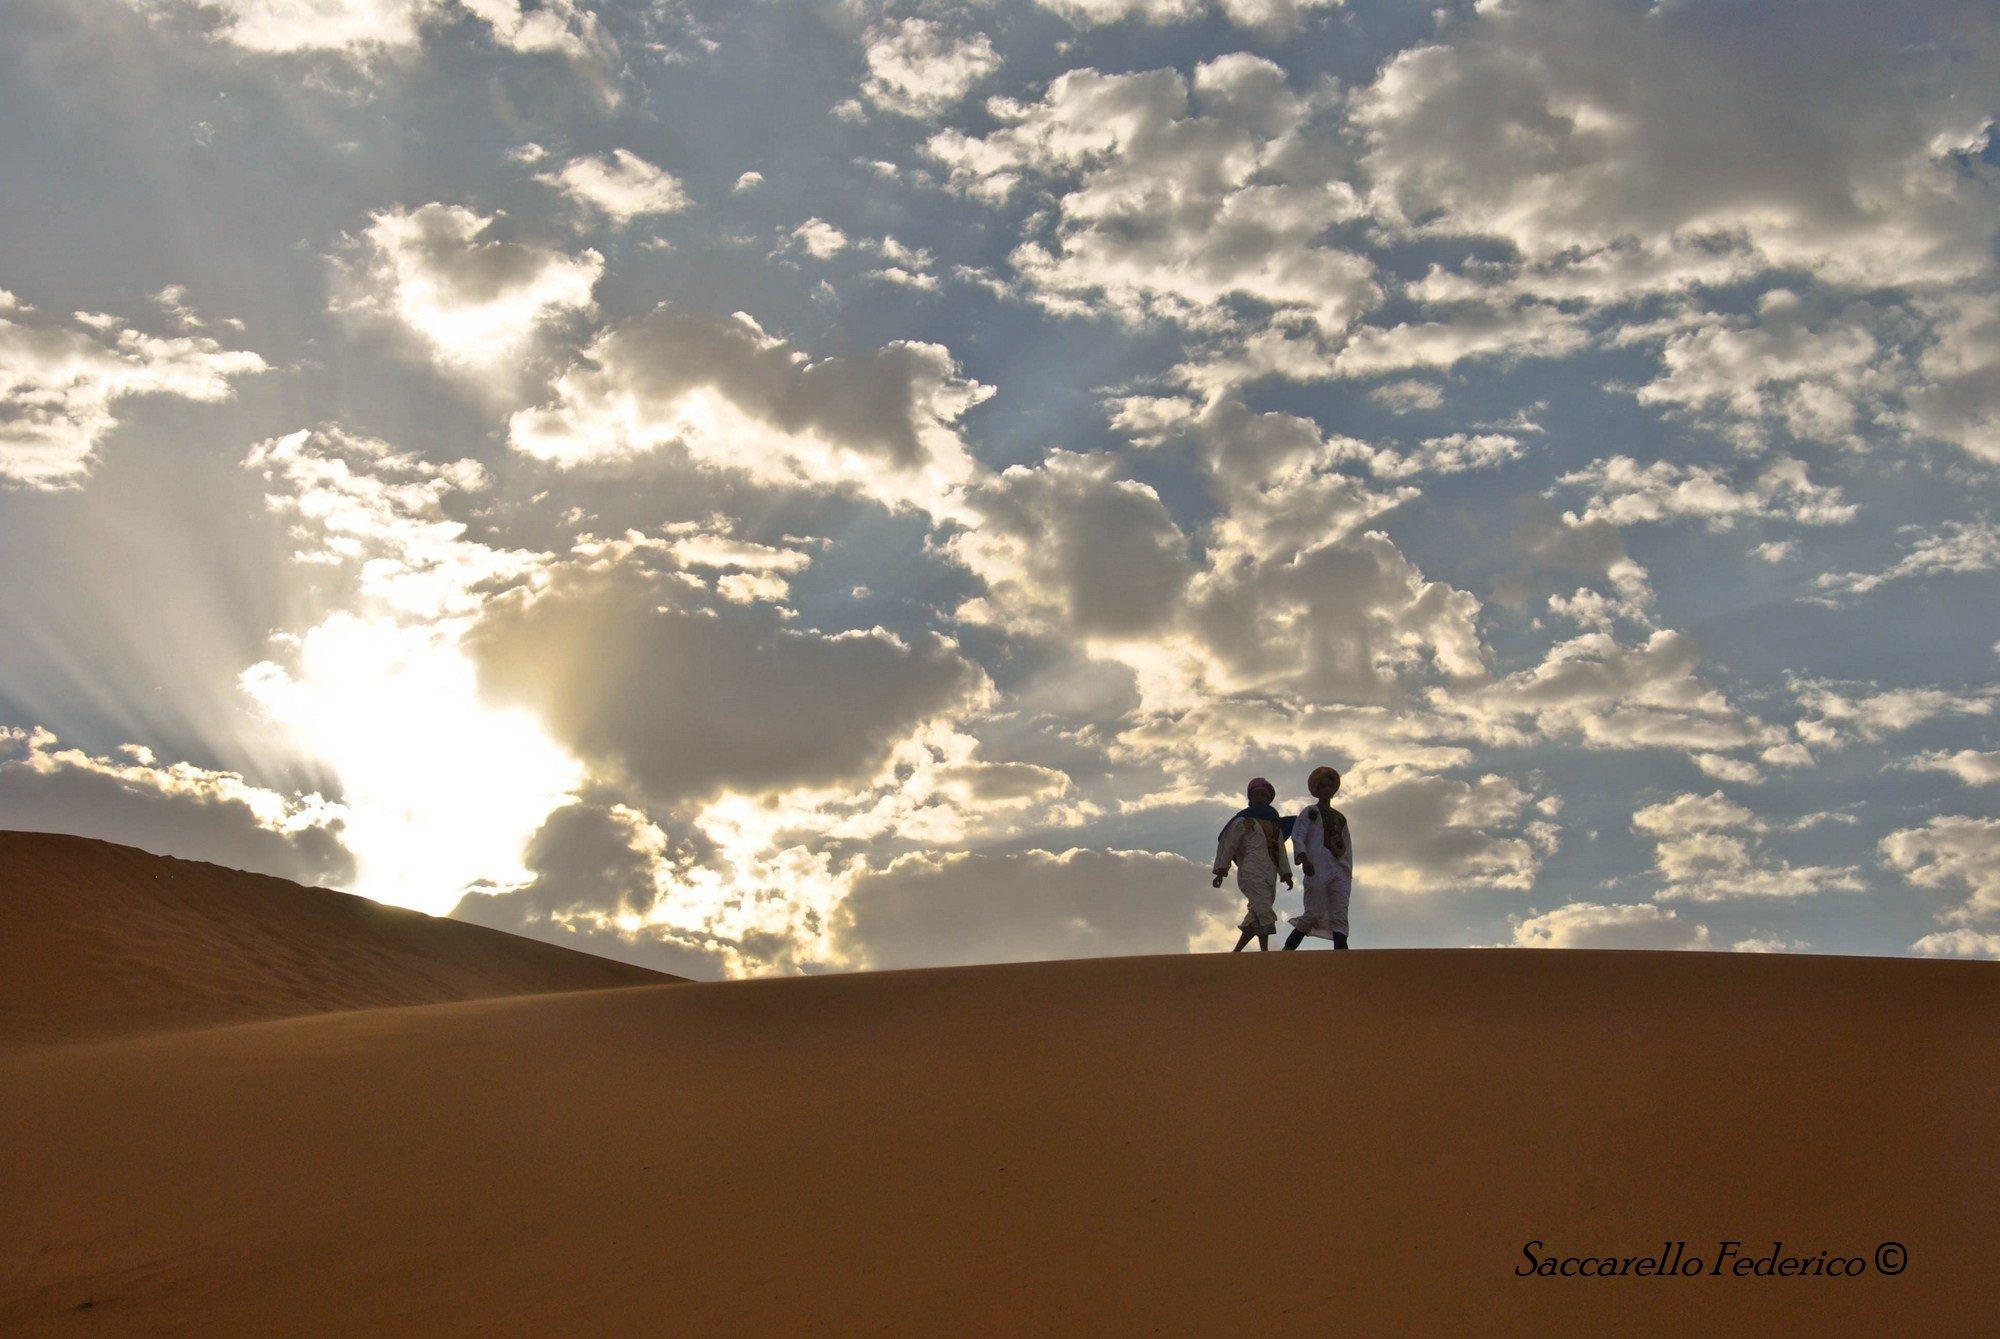 Escursione nel deserto, Marrakech